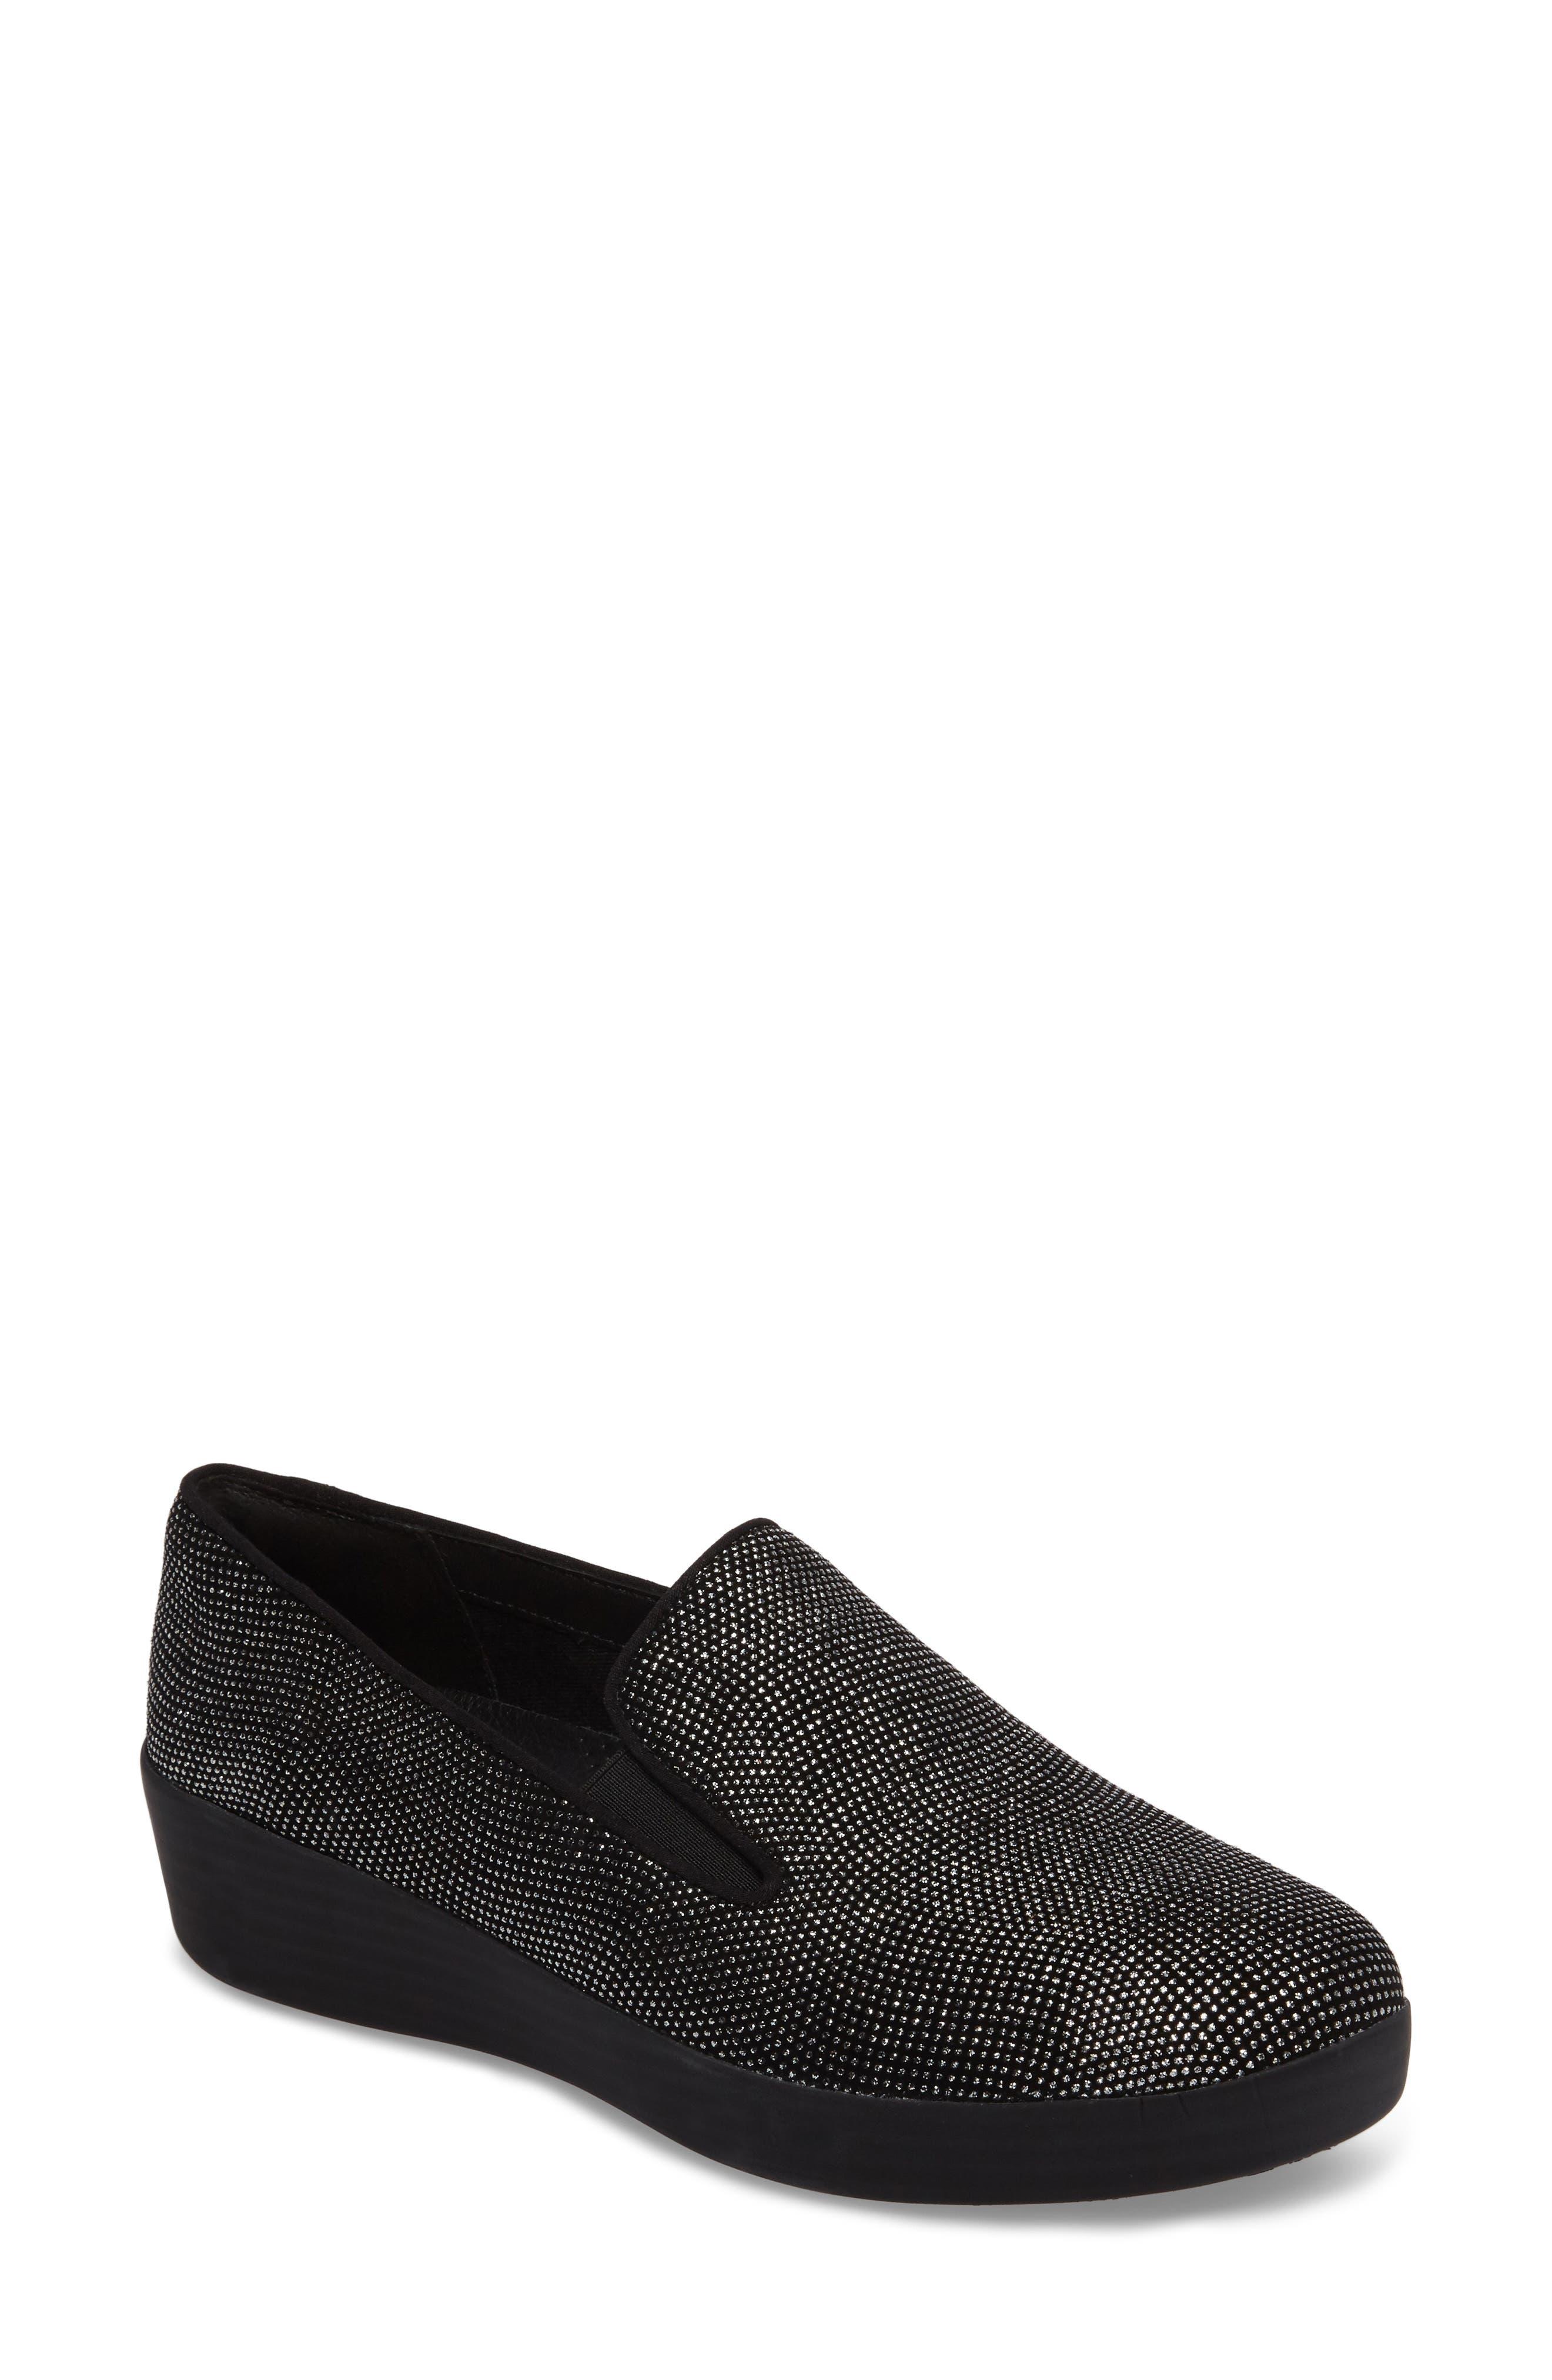 Superskate Glitter Dot Slip-On Sneaker,                             Main thumbnail 1, color,                             Black Glimmer Suede